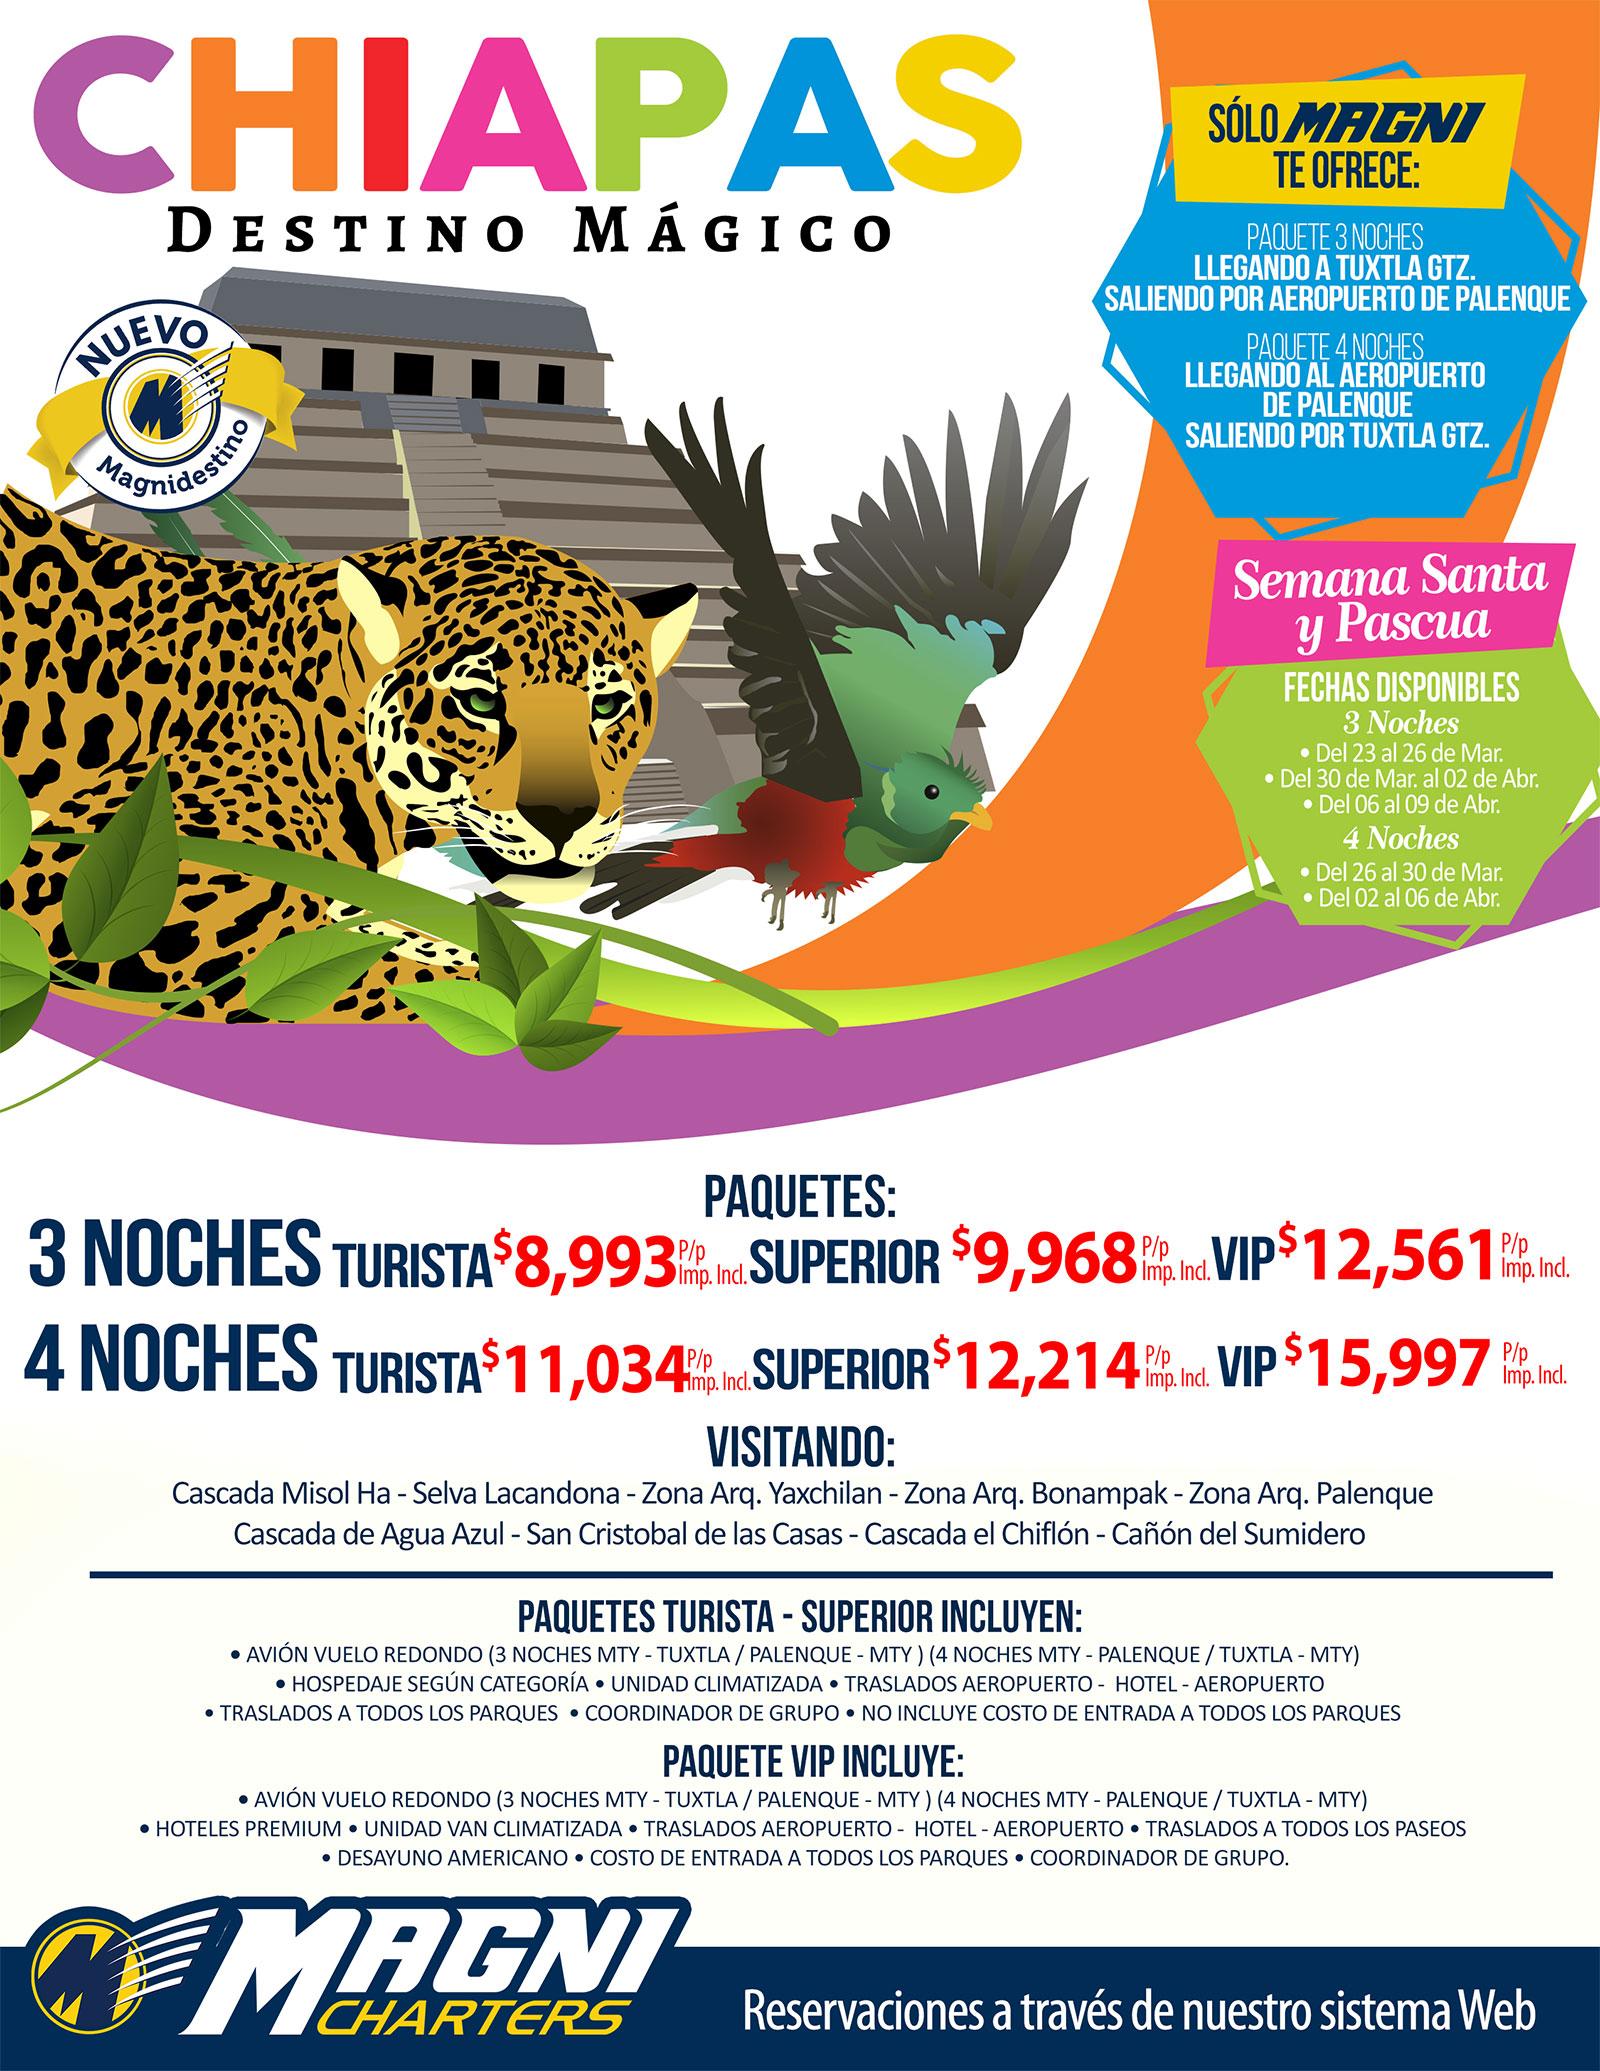 Magnicharters Paquetes a Chiapas desde Monterrey